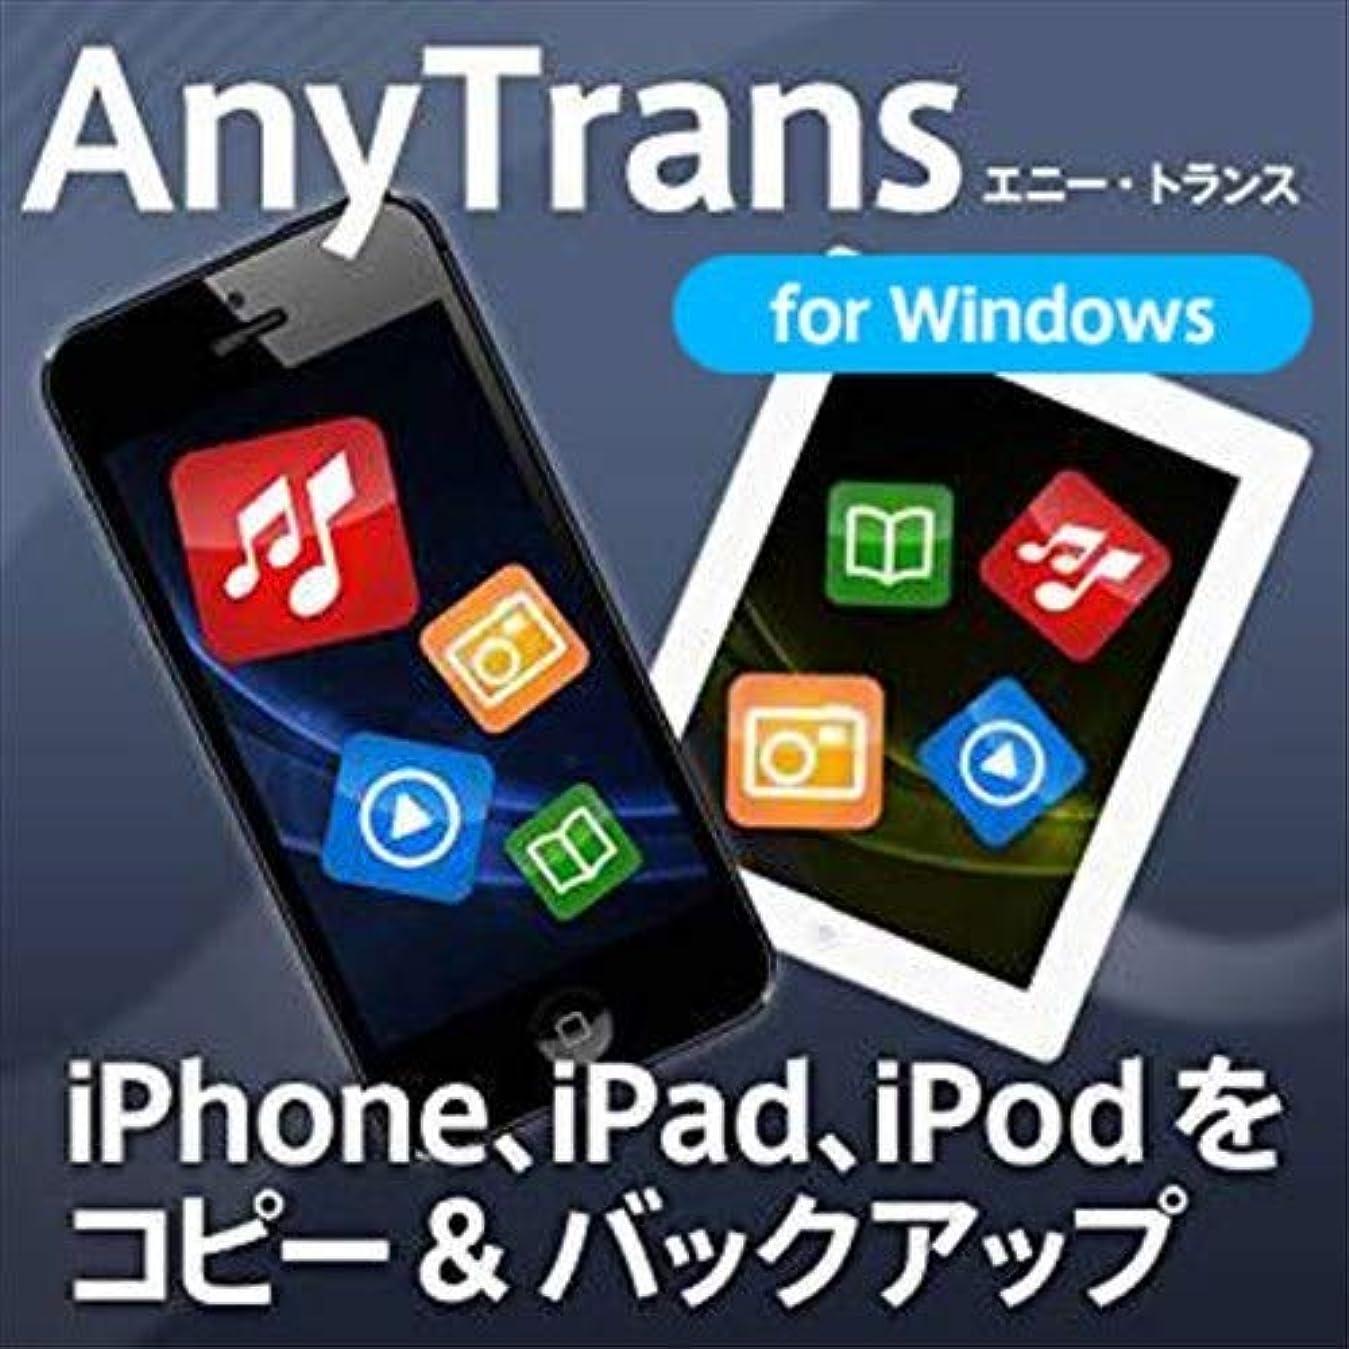 猟犬サスペンドステーキ【体験版】 AnyTrans 8 for Win 【iPhoneとパソコンの間で音楽、動画、写真を転送/iTunesで廃止された機能を補完/新機種へのデータ引っ越しに】